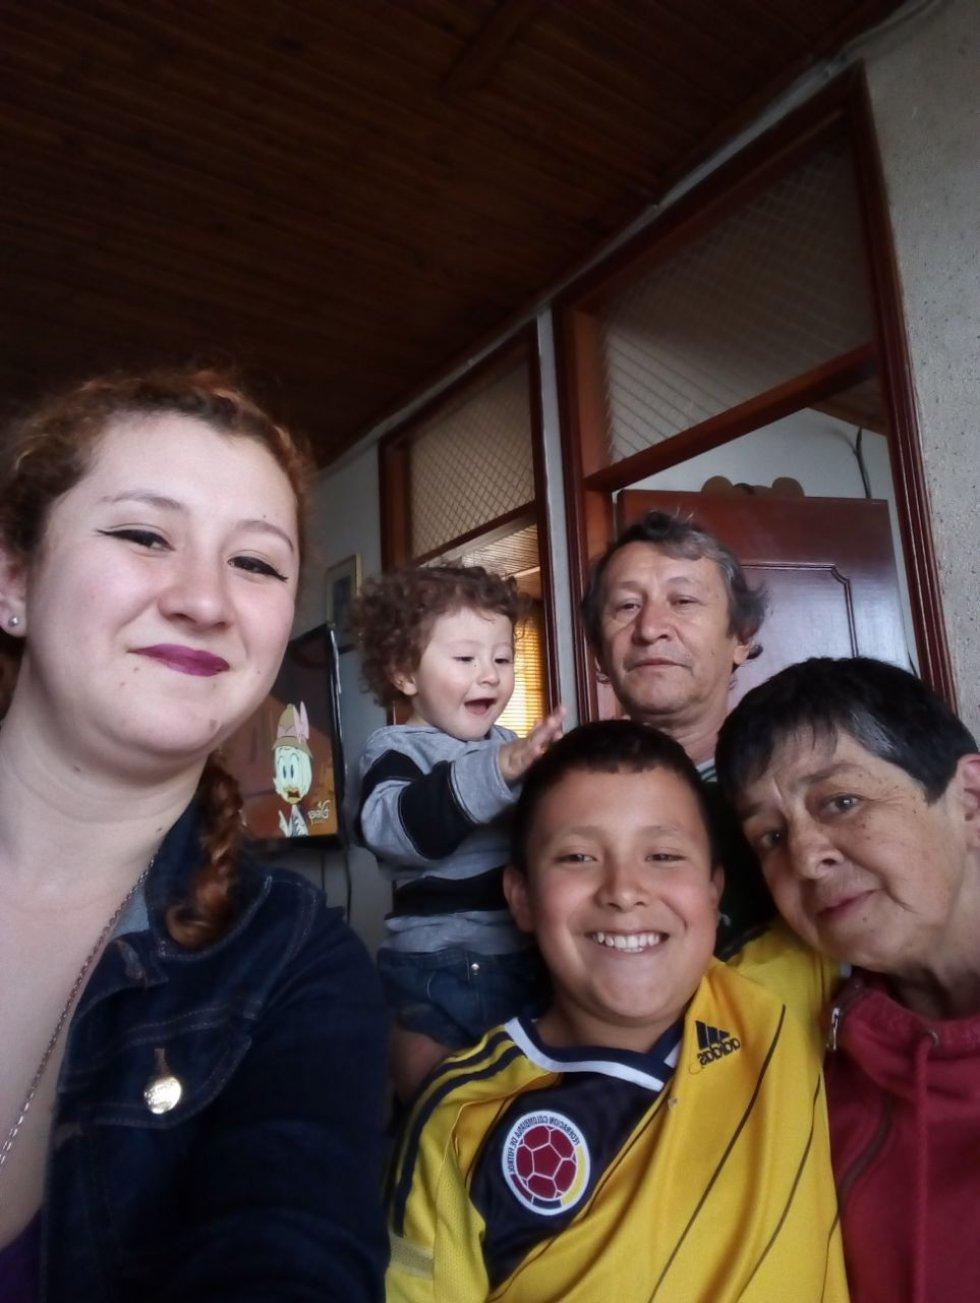 @dosypuntoradio abuela esposo hija nietos feliz día para todas las madres del mundo y las caracoleras